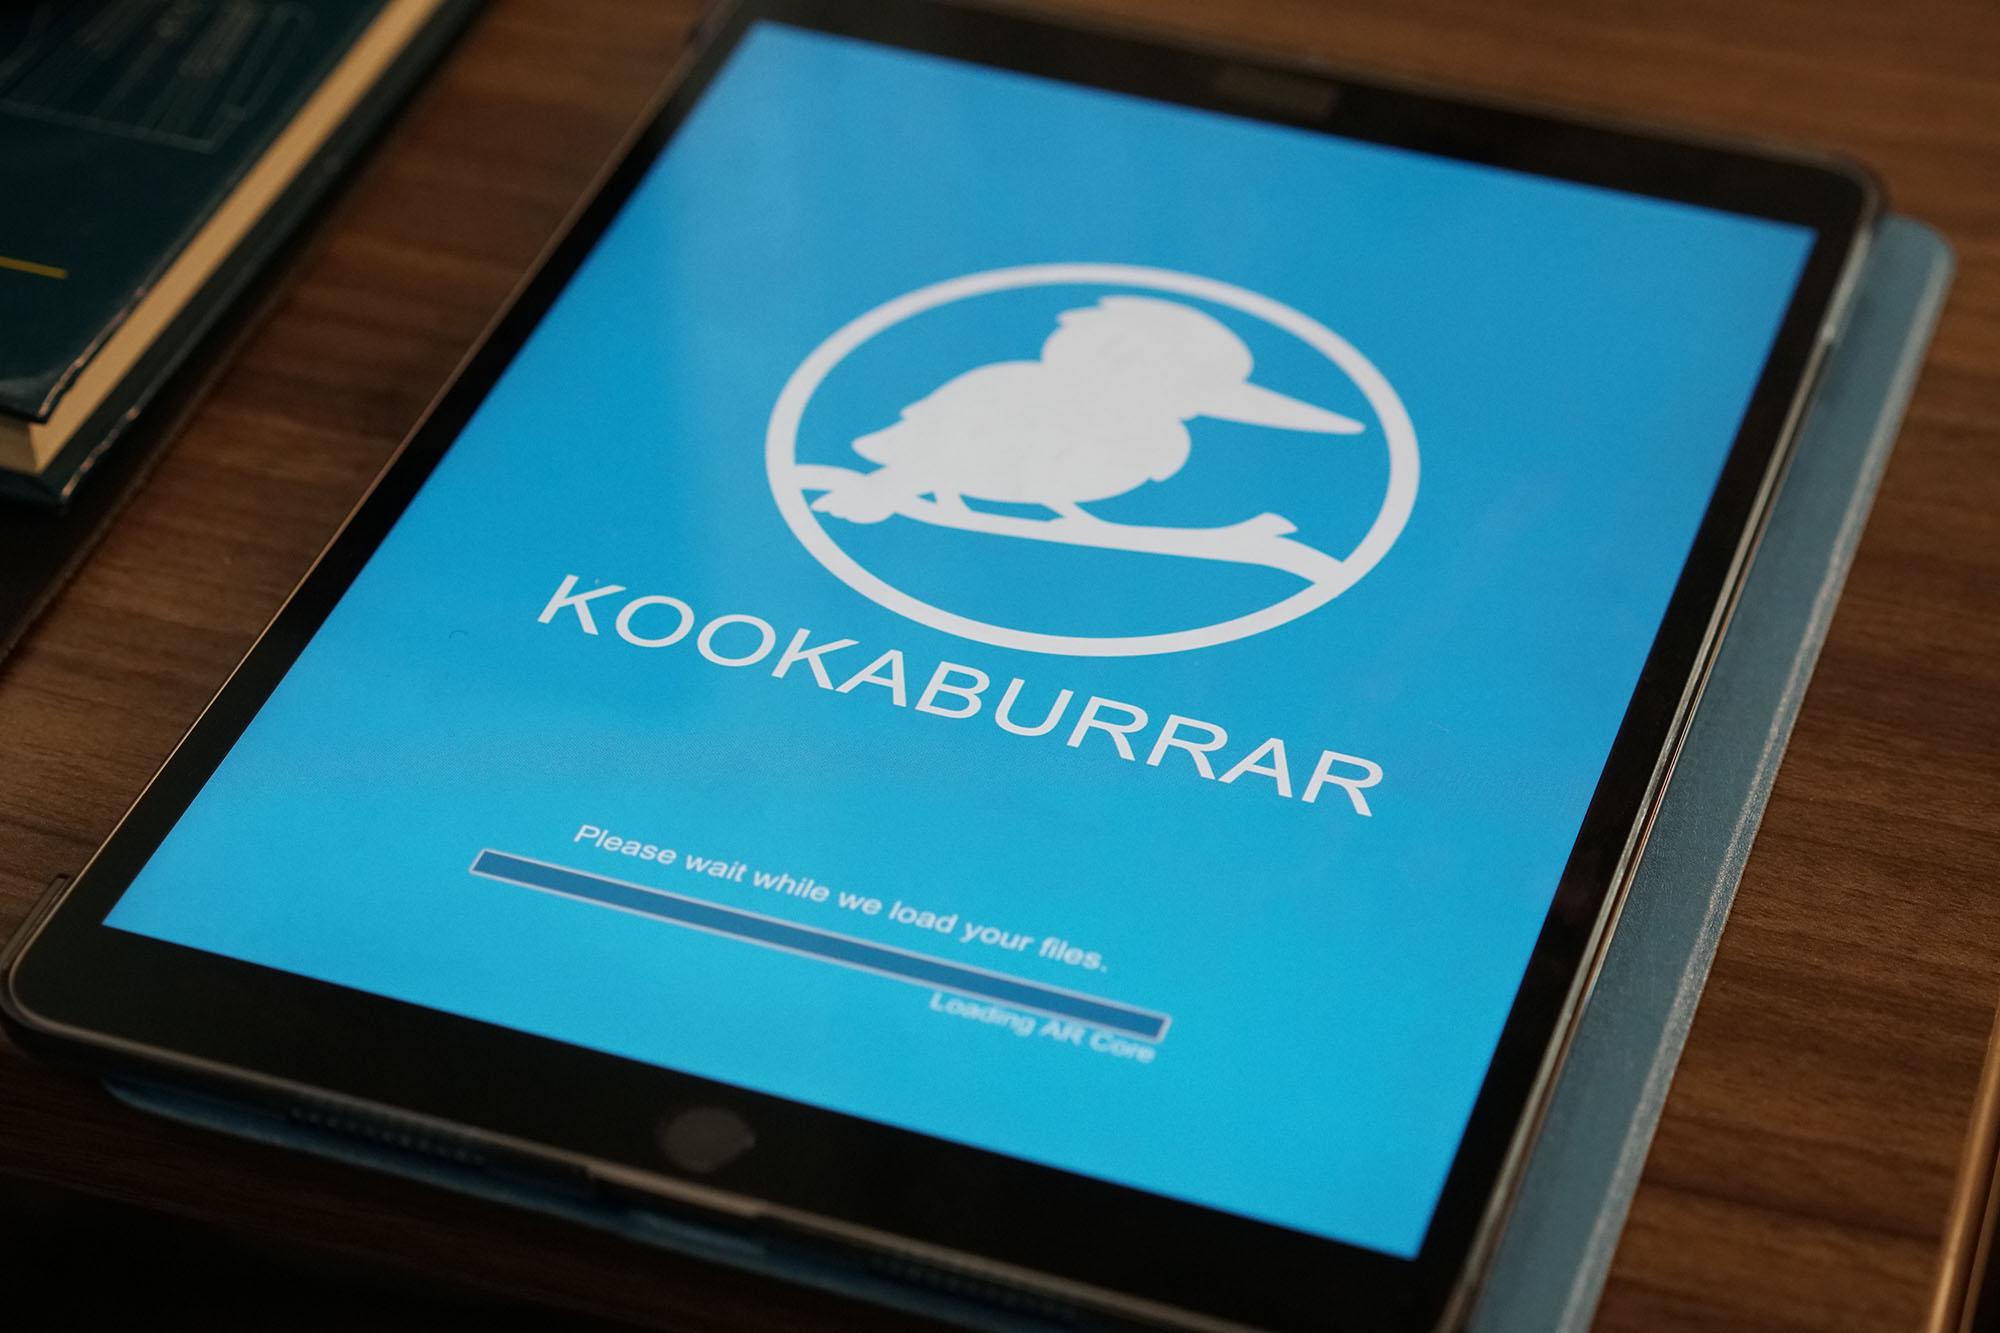 Augmented Reality - Kookaburrar 05.jpg